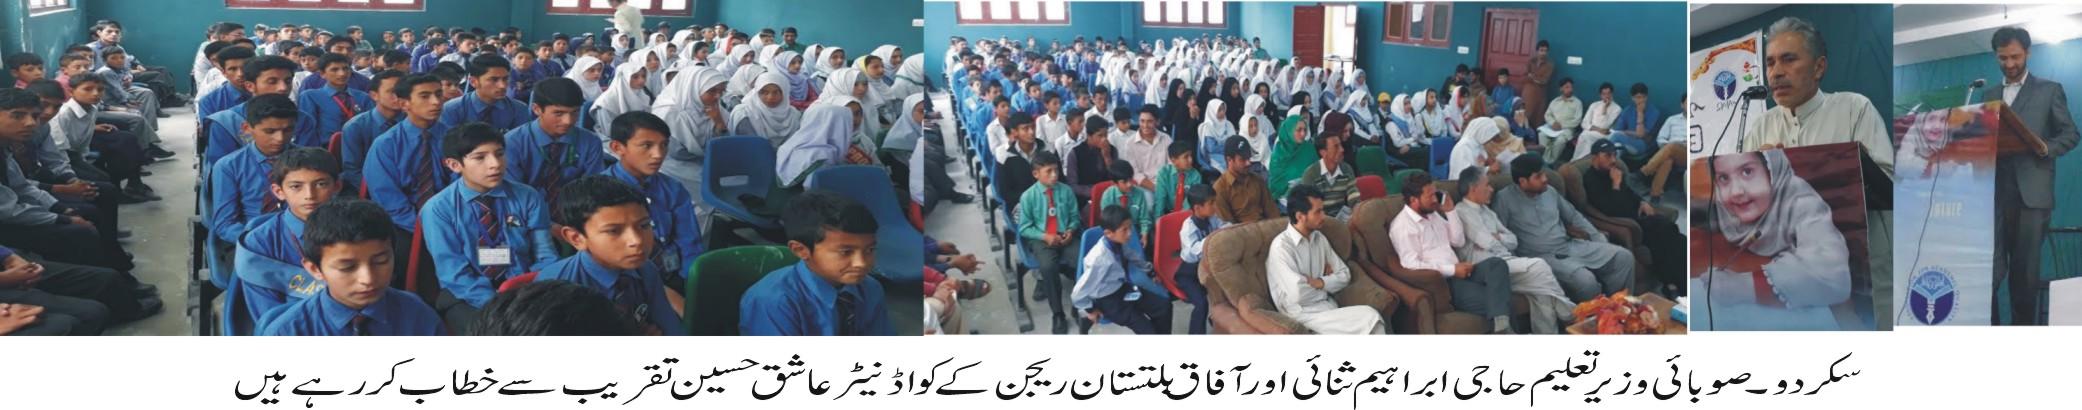 آفاق کے زیر اہتمام آل بلتستان کوئز مقابلے میں سکردو اور گانچھےسے 500 طلبا وطالبات نے شرکت کی